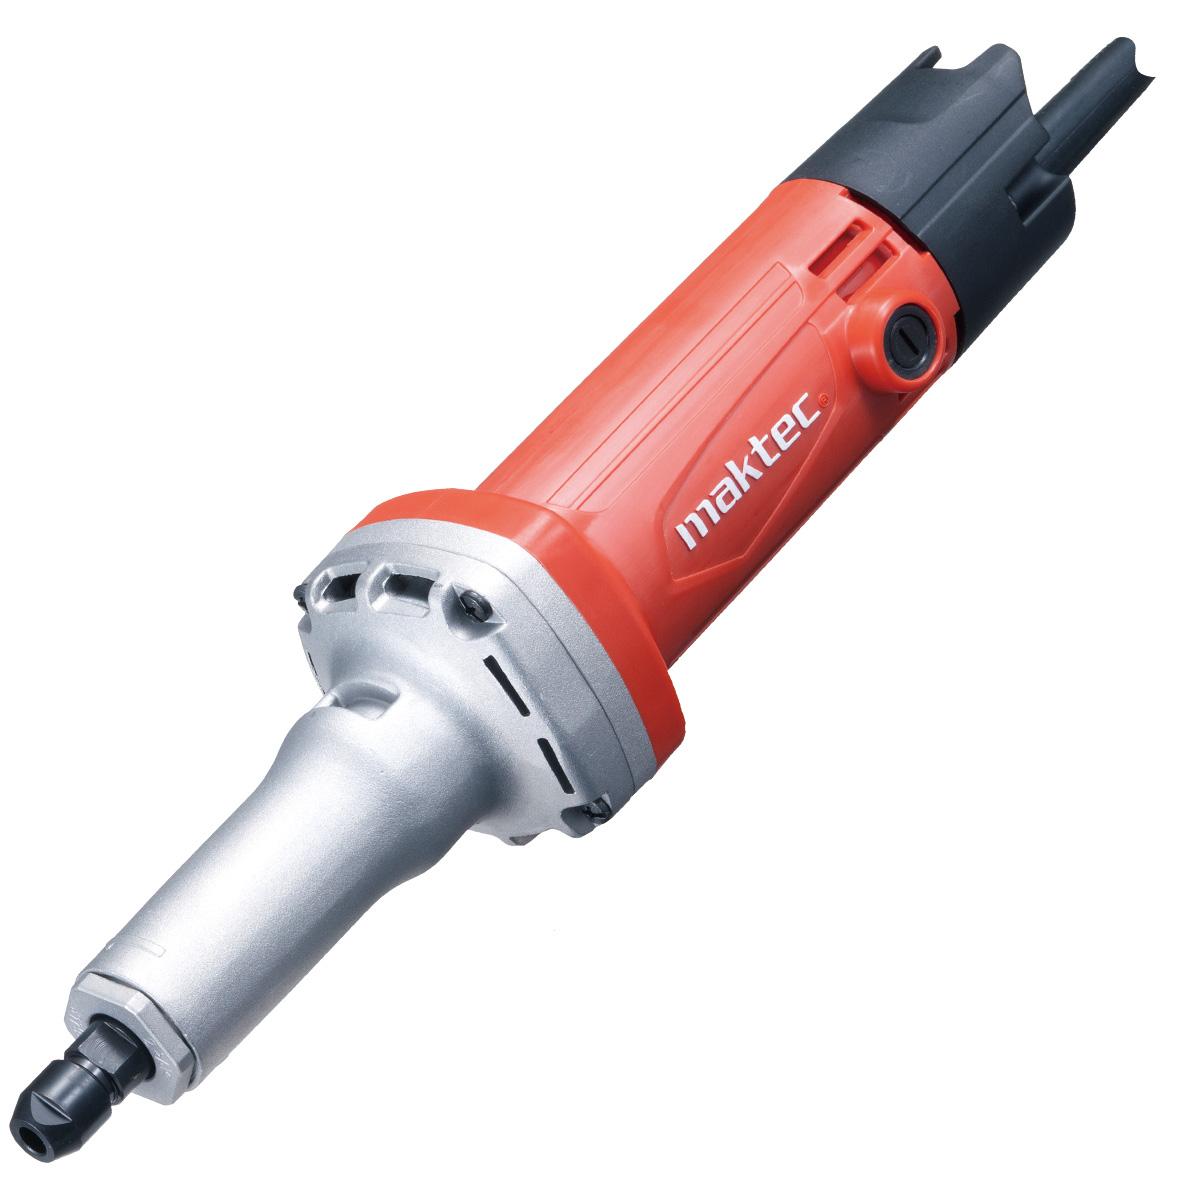 Makita Gb801 Mesin Gerinda Duduk 205mm Hand Pipe Bender Krisbow 3 8 7 8in Kw1500520 Maktec Mt912 6mm